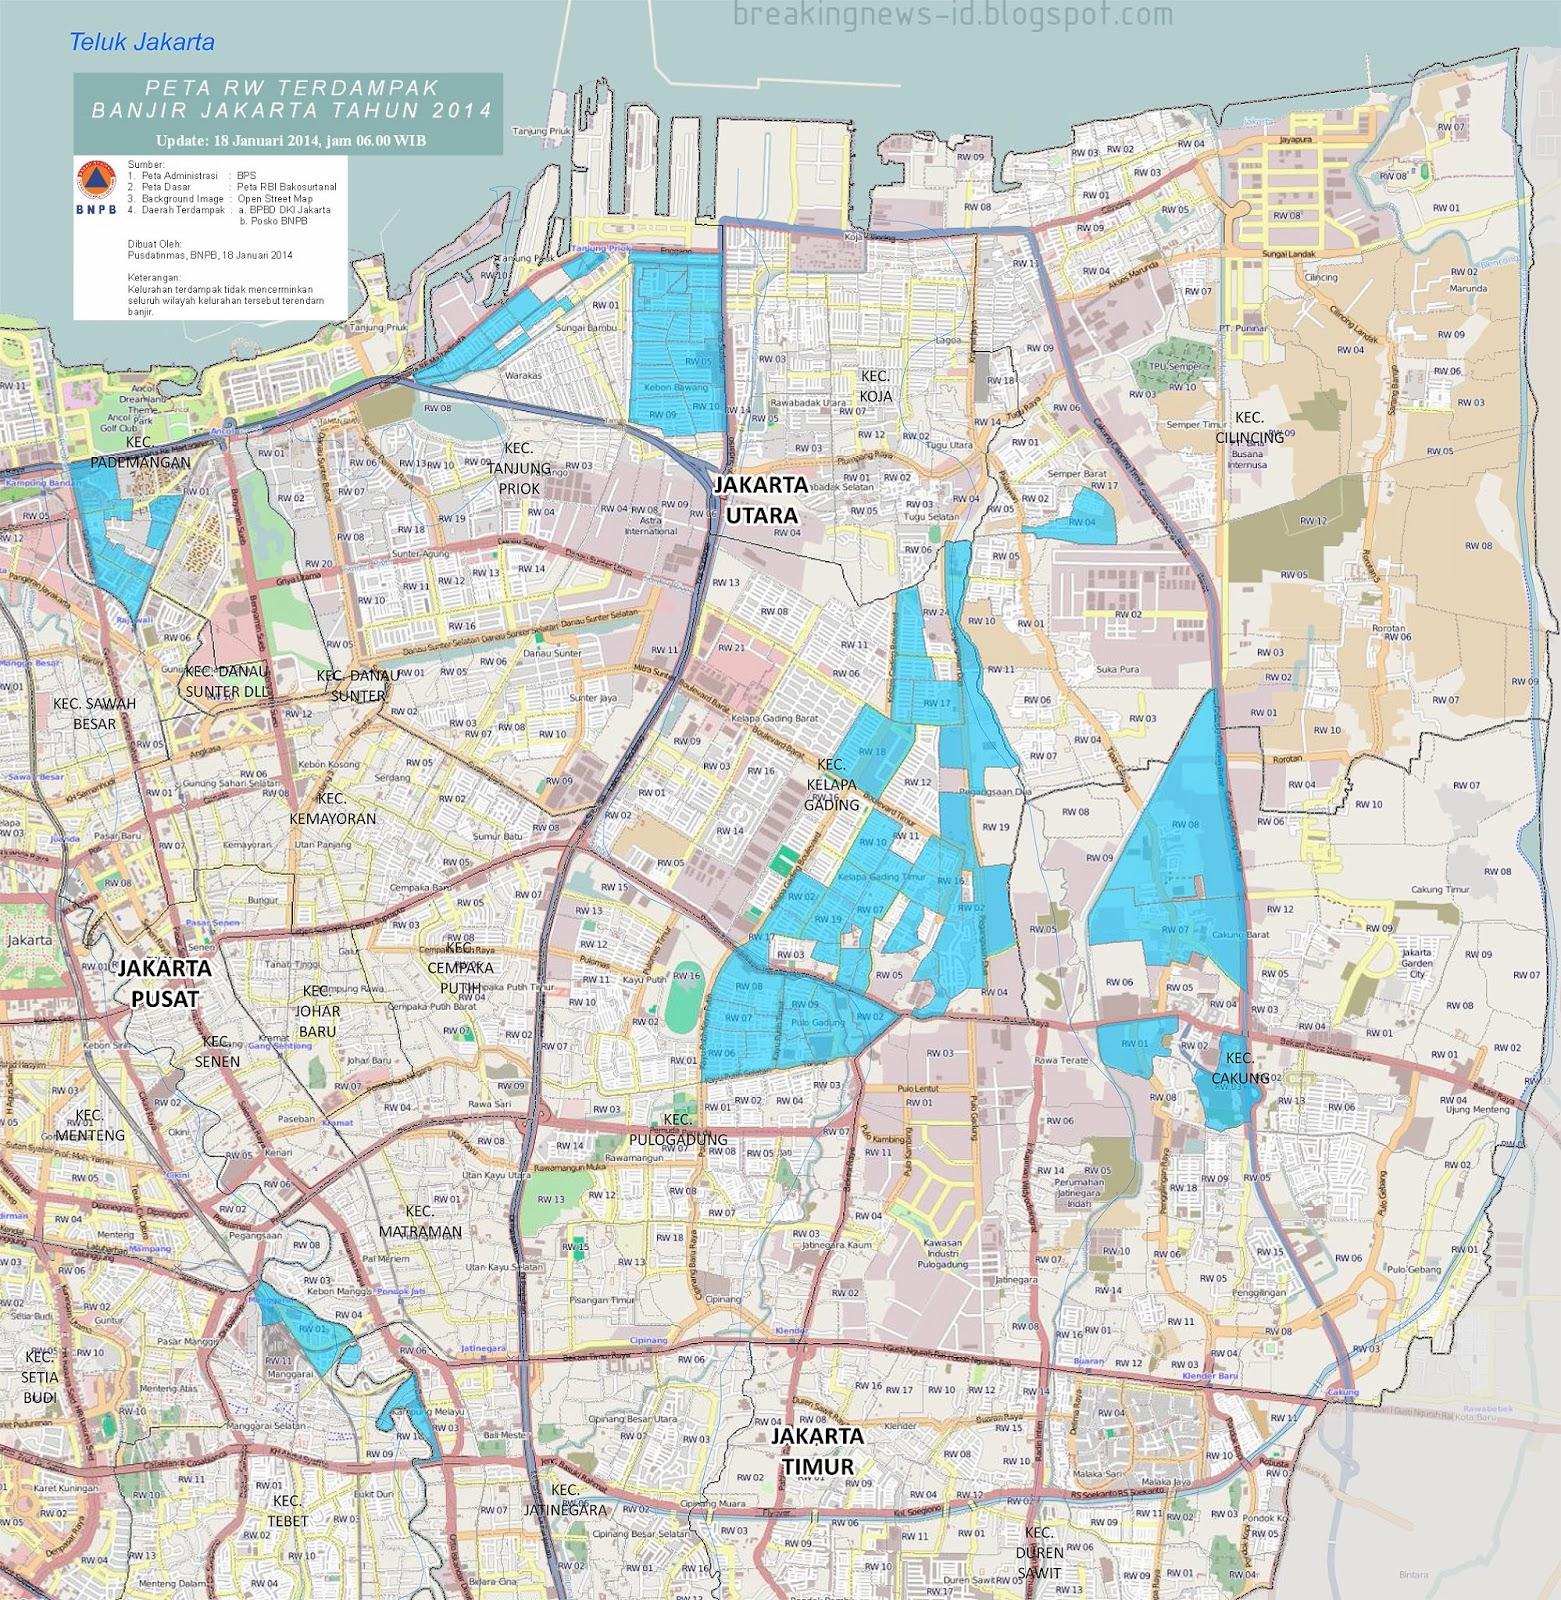 1561 x 1600 · 839 kB · jpeg, Peta Dampak Banjir Jakarta Timur ...